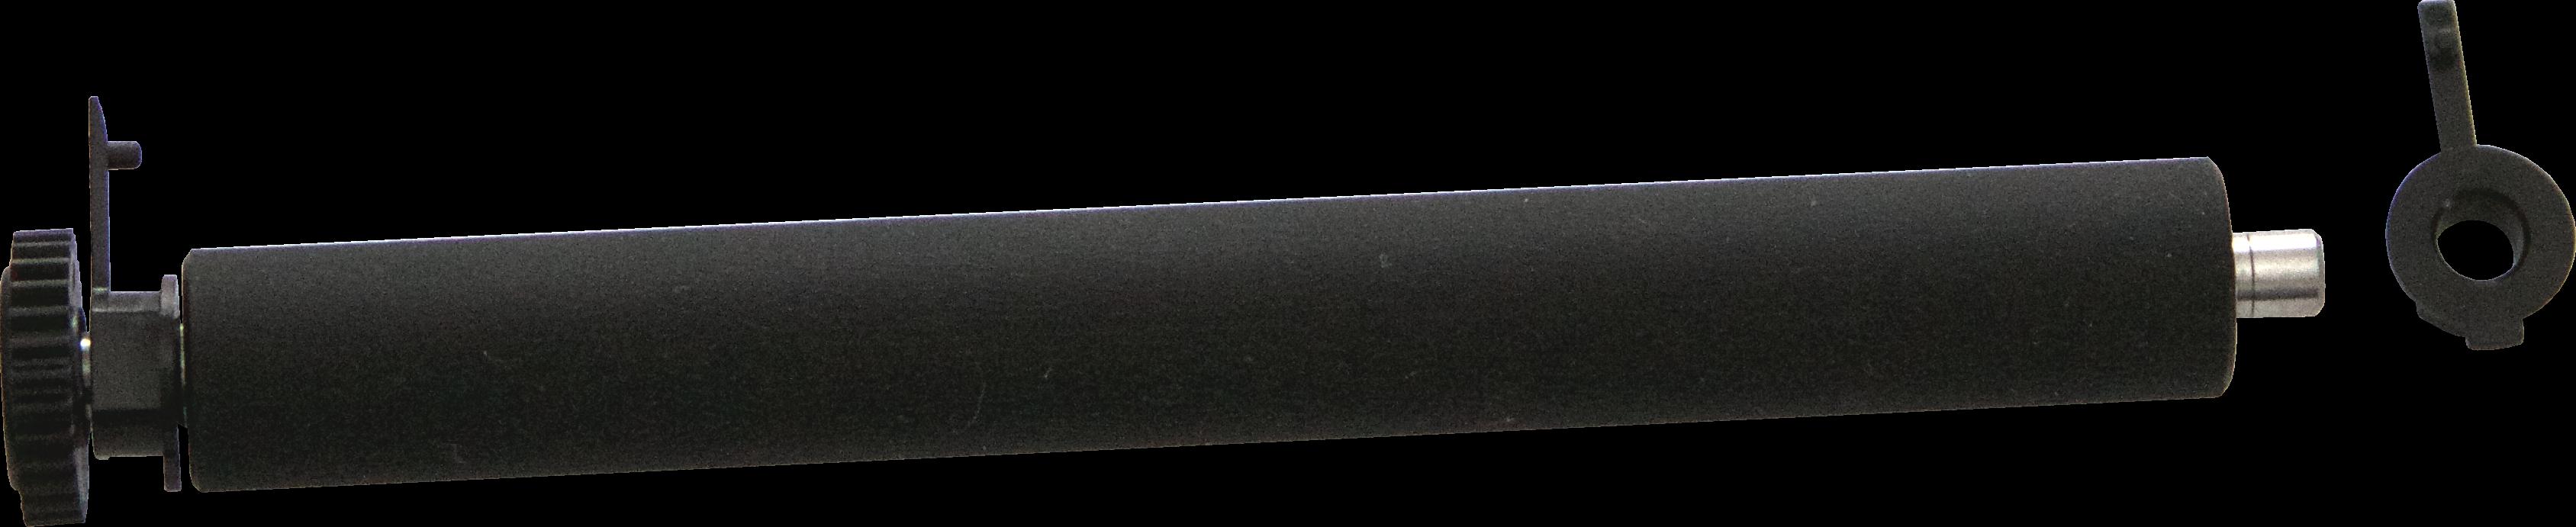 Platen kit for Zebra GC420d-LP2844